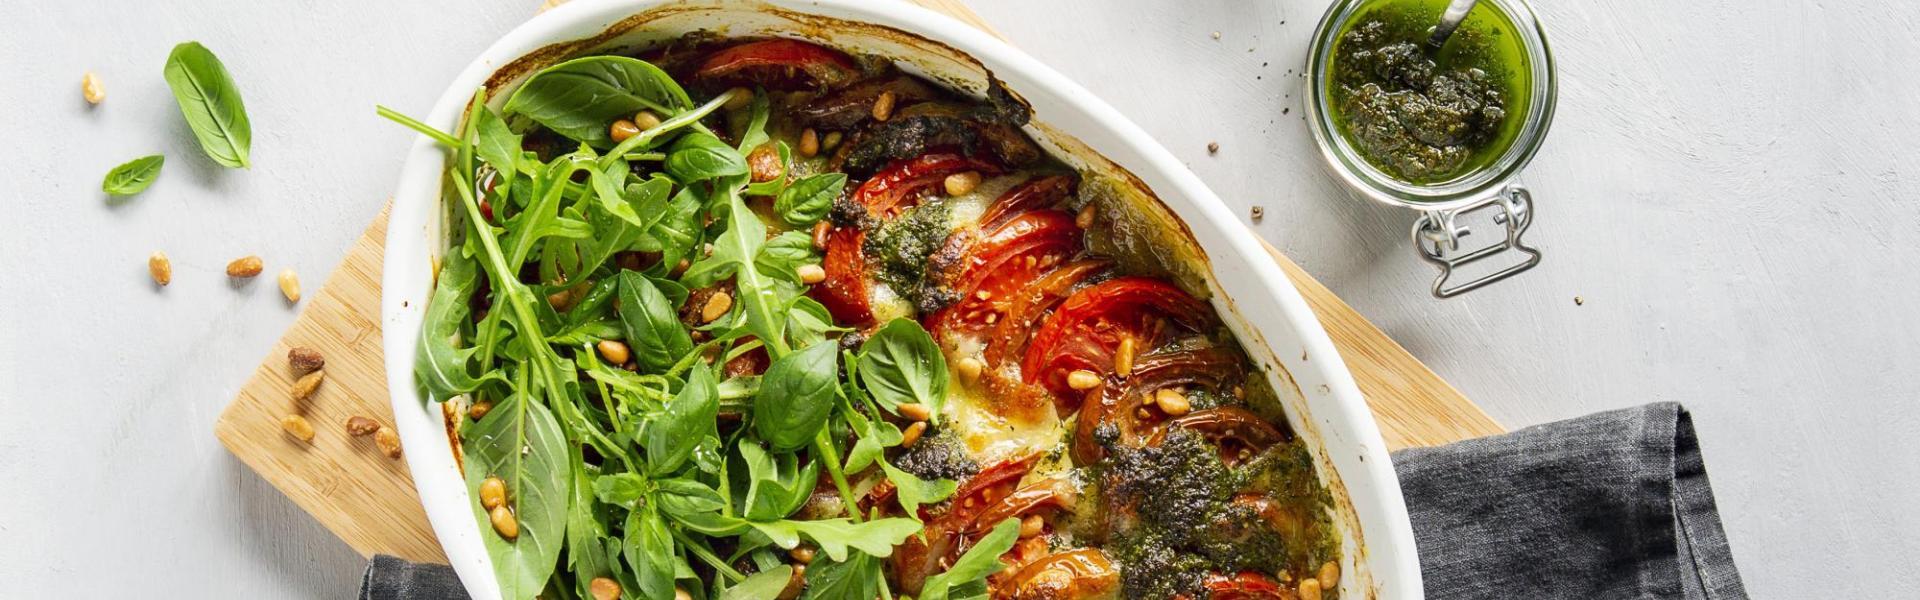 Tomate-Mozzarella-Auflauf mit Rucola in weißer Auflaufform.